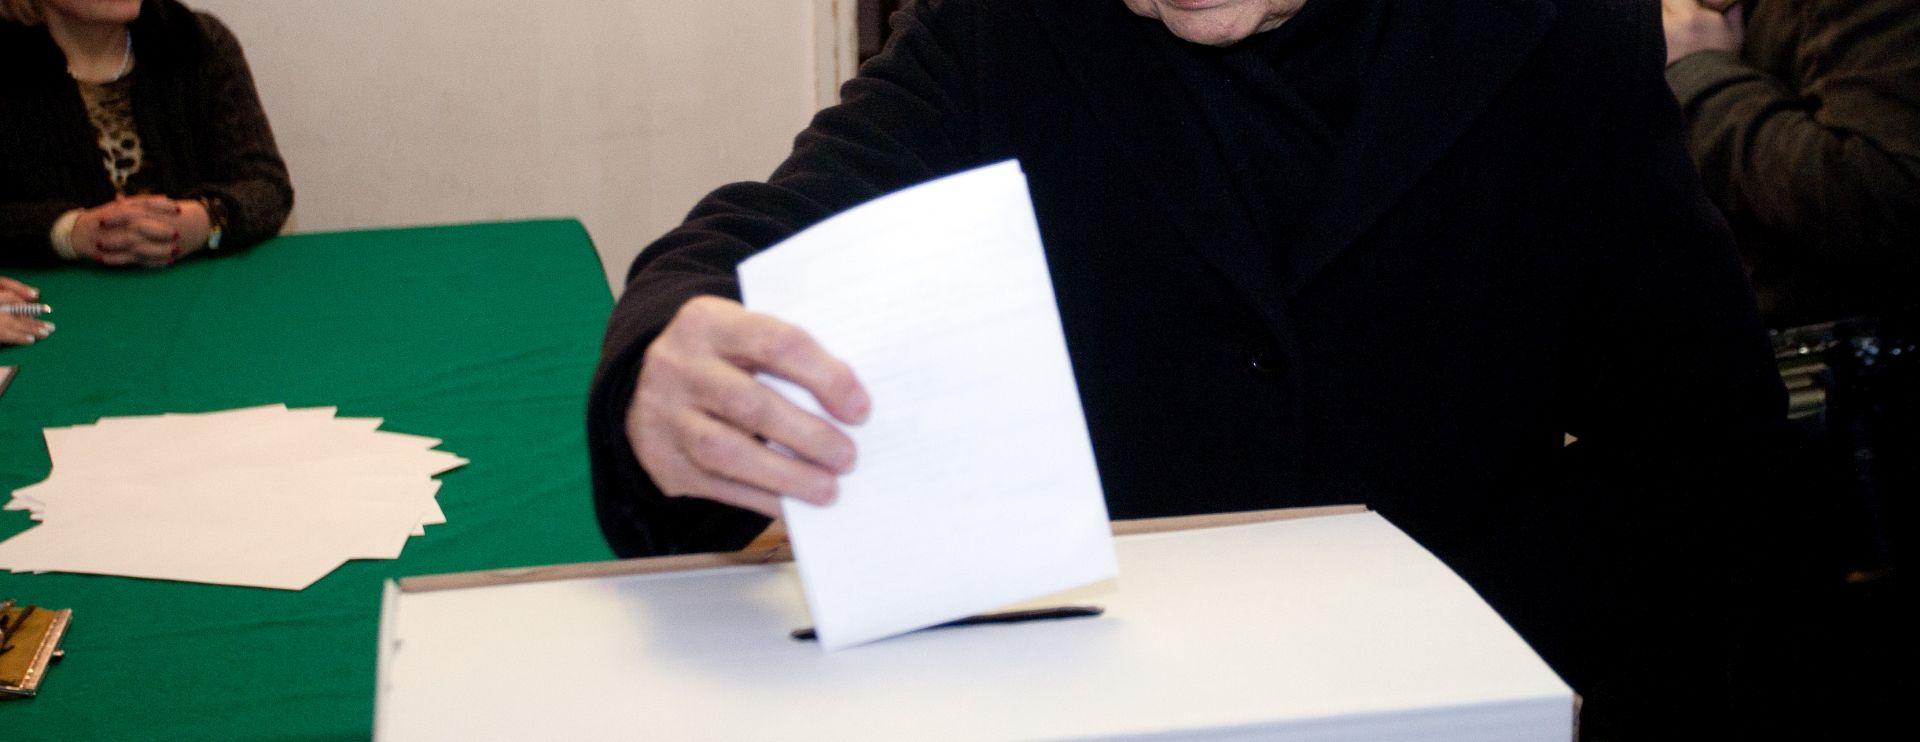 ANTE ŠALINOVIĆ 'Naše izlazne ankete imaju minimalna odstupanja'